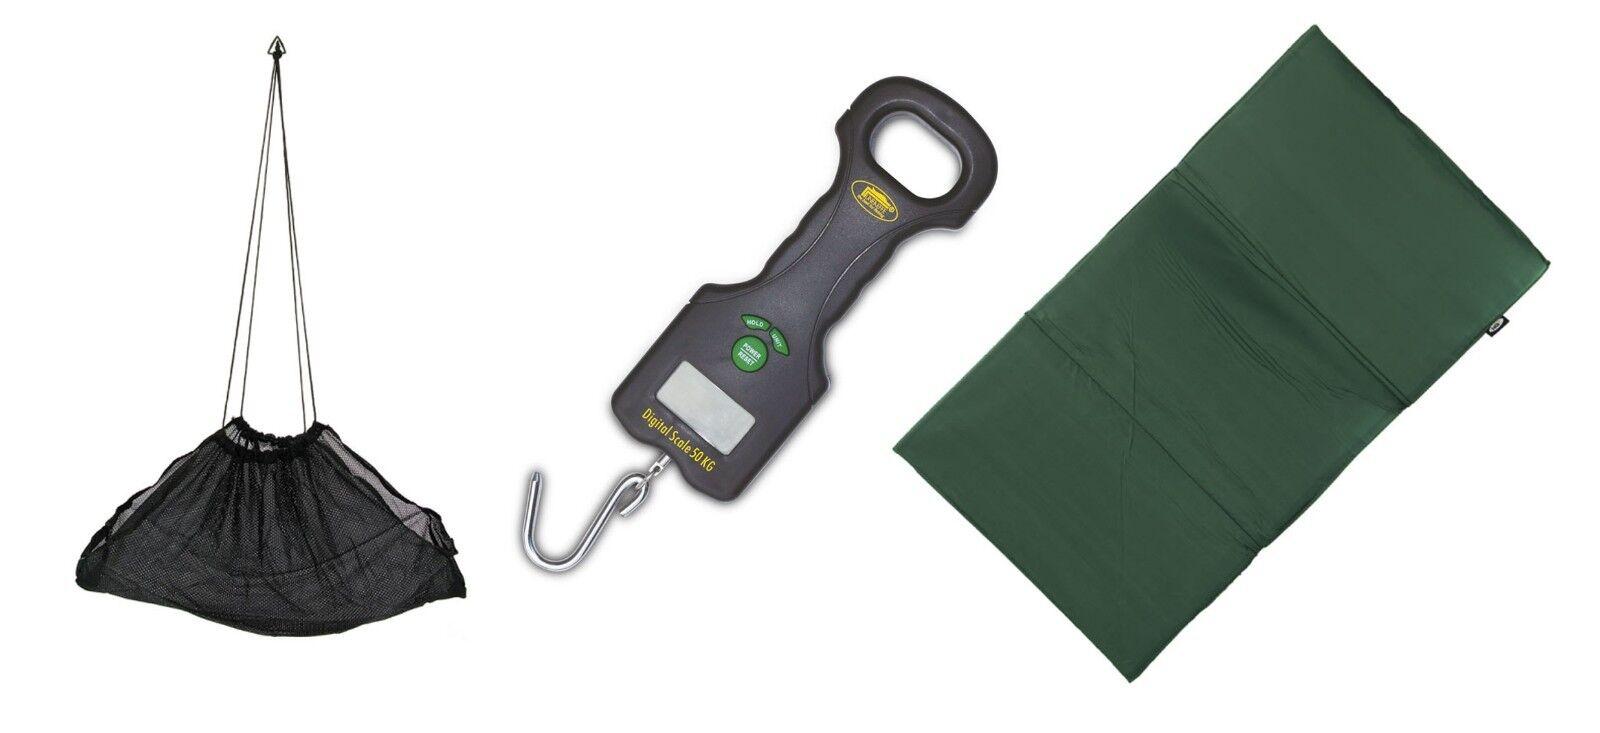 Carp Fishing Weighing Bundle Digital Scales,Sling & Unhooking mat specimen fish